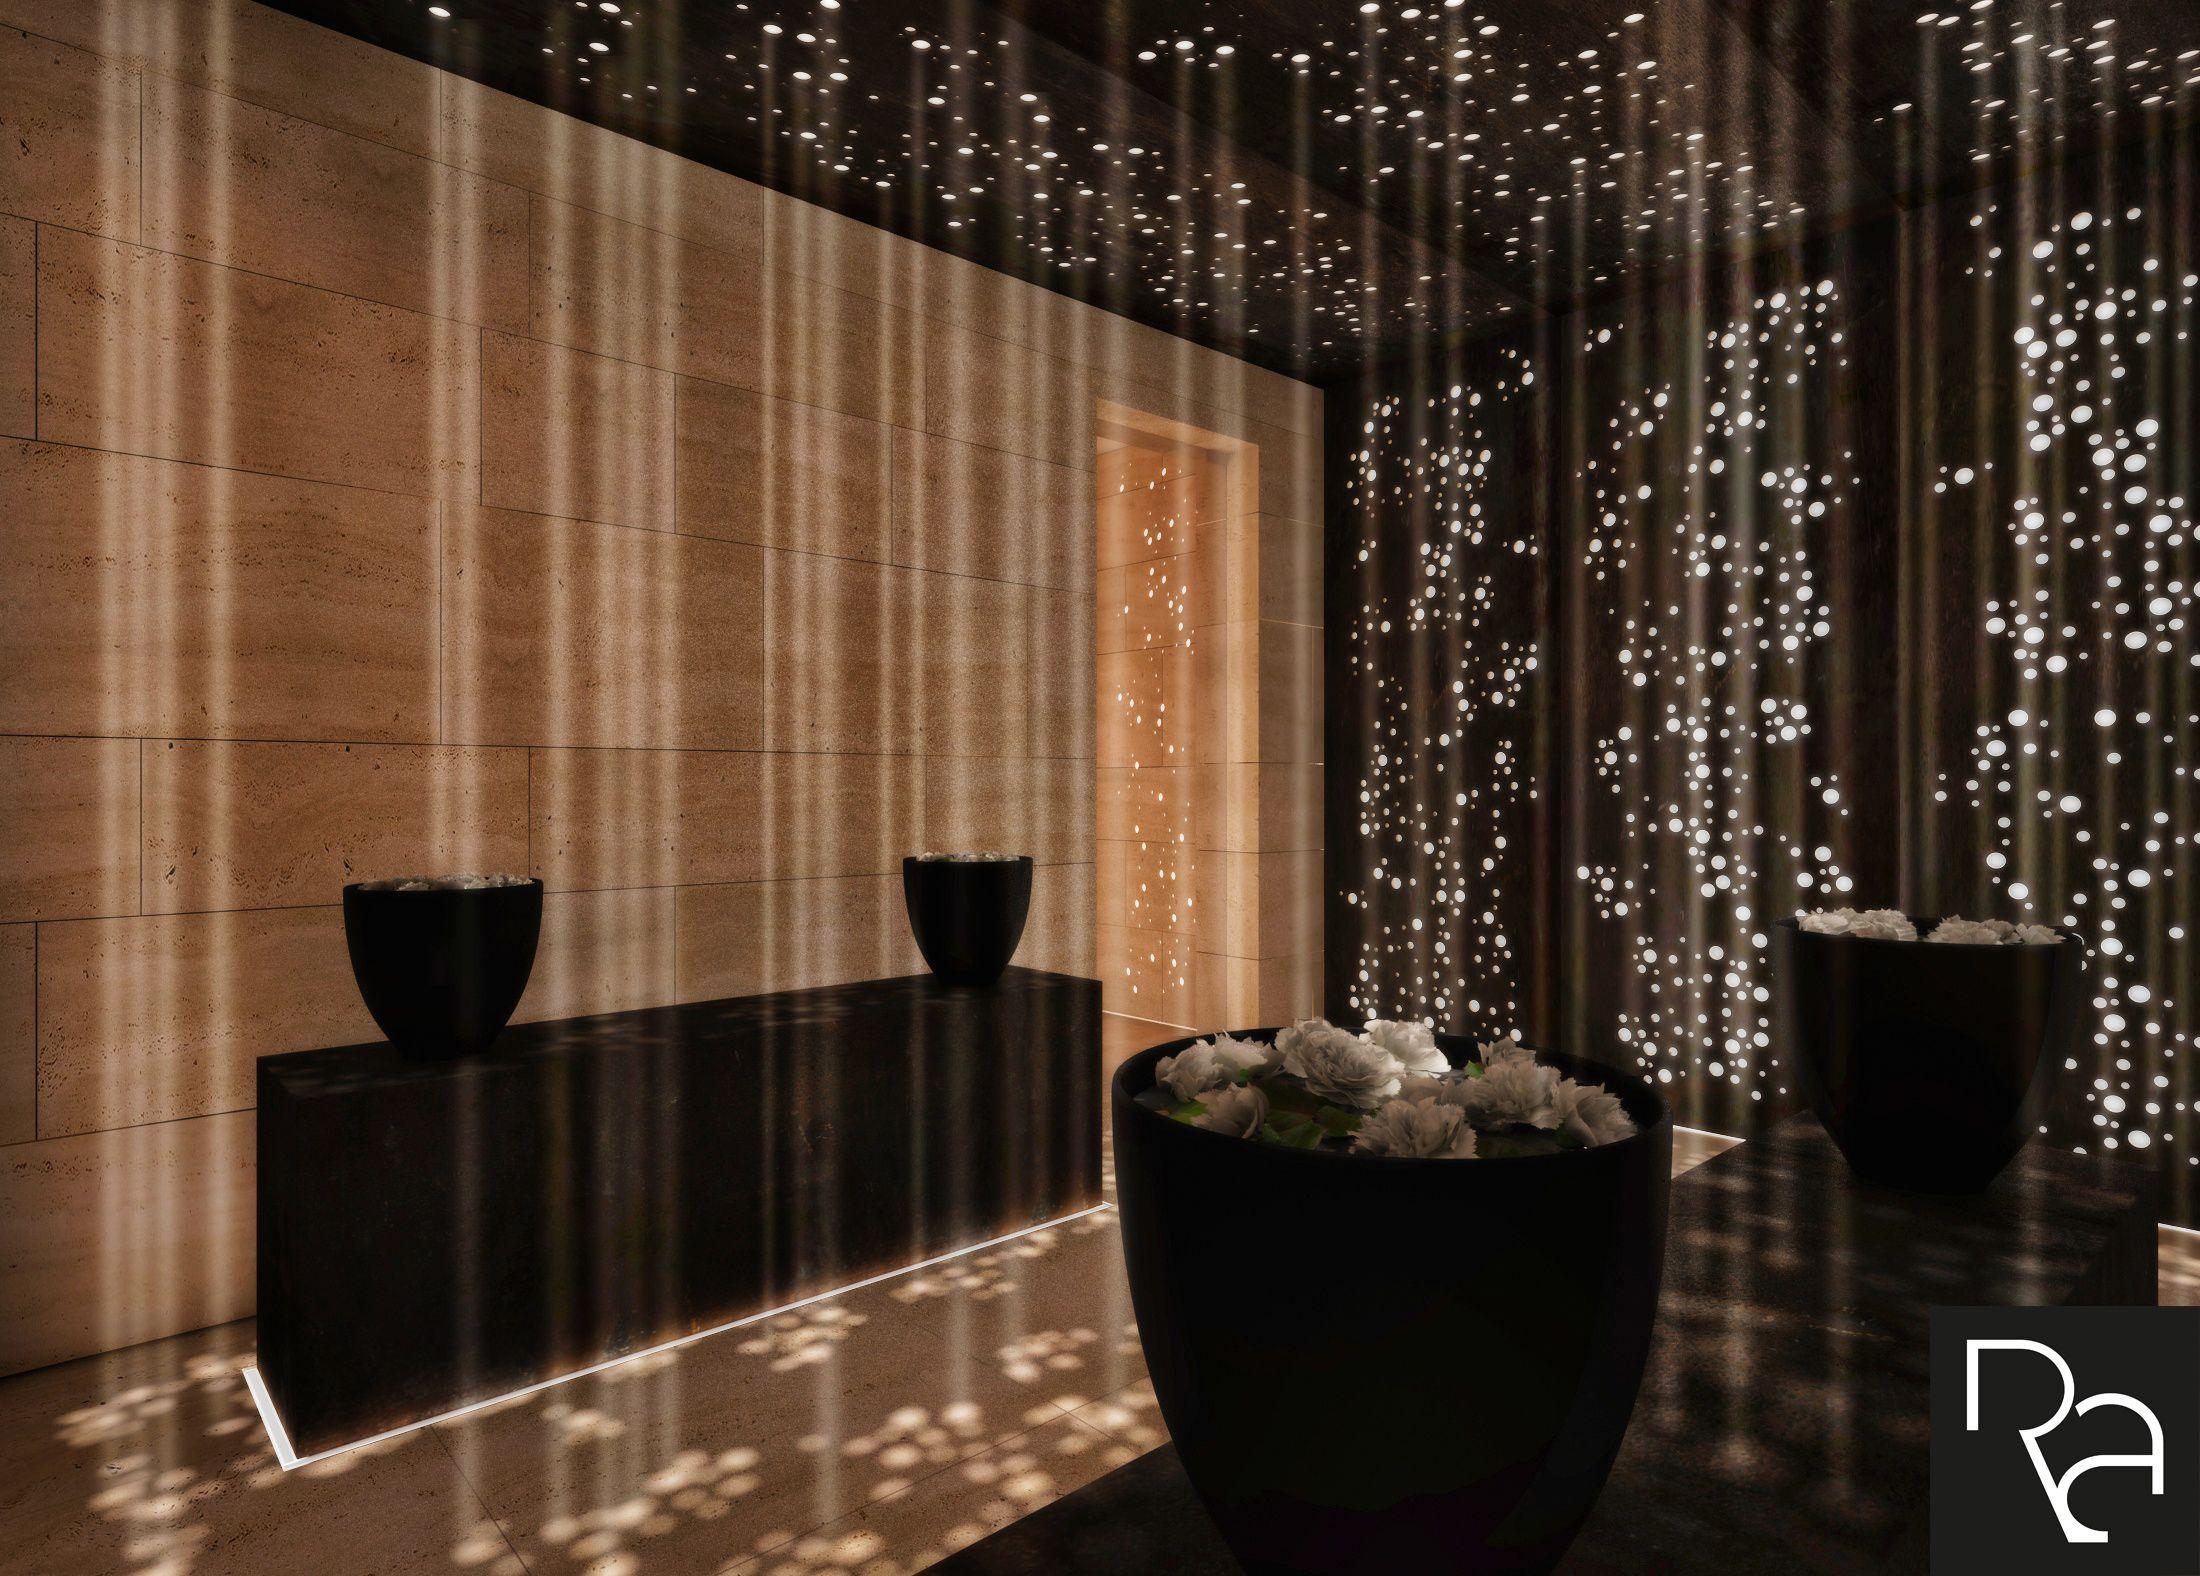 Private Spa_Interior Design_Rendering_View 16